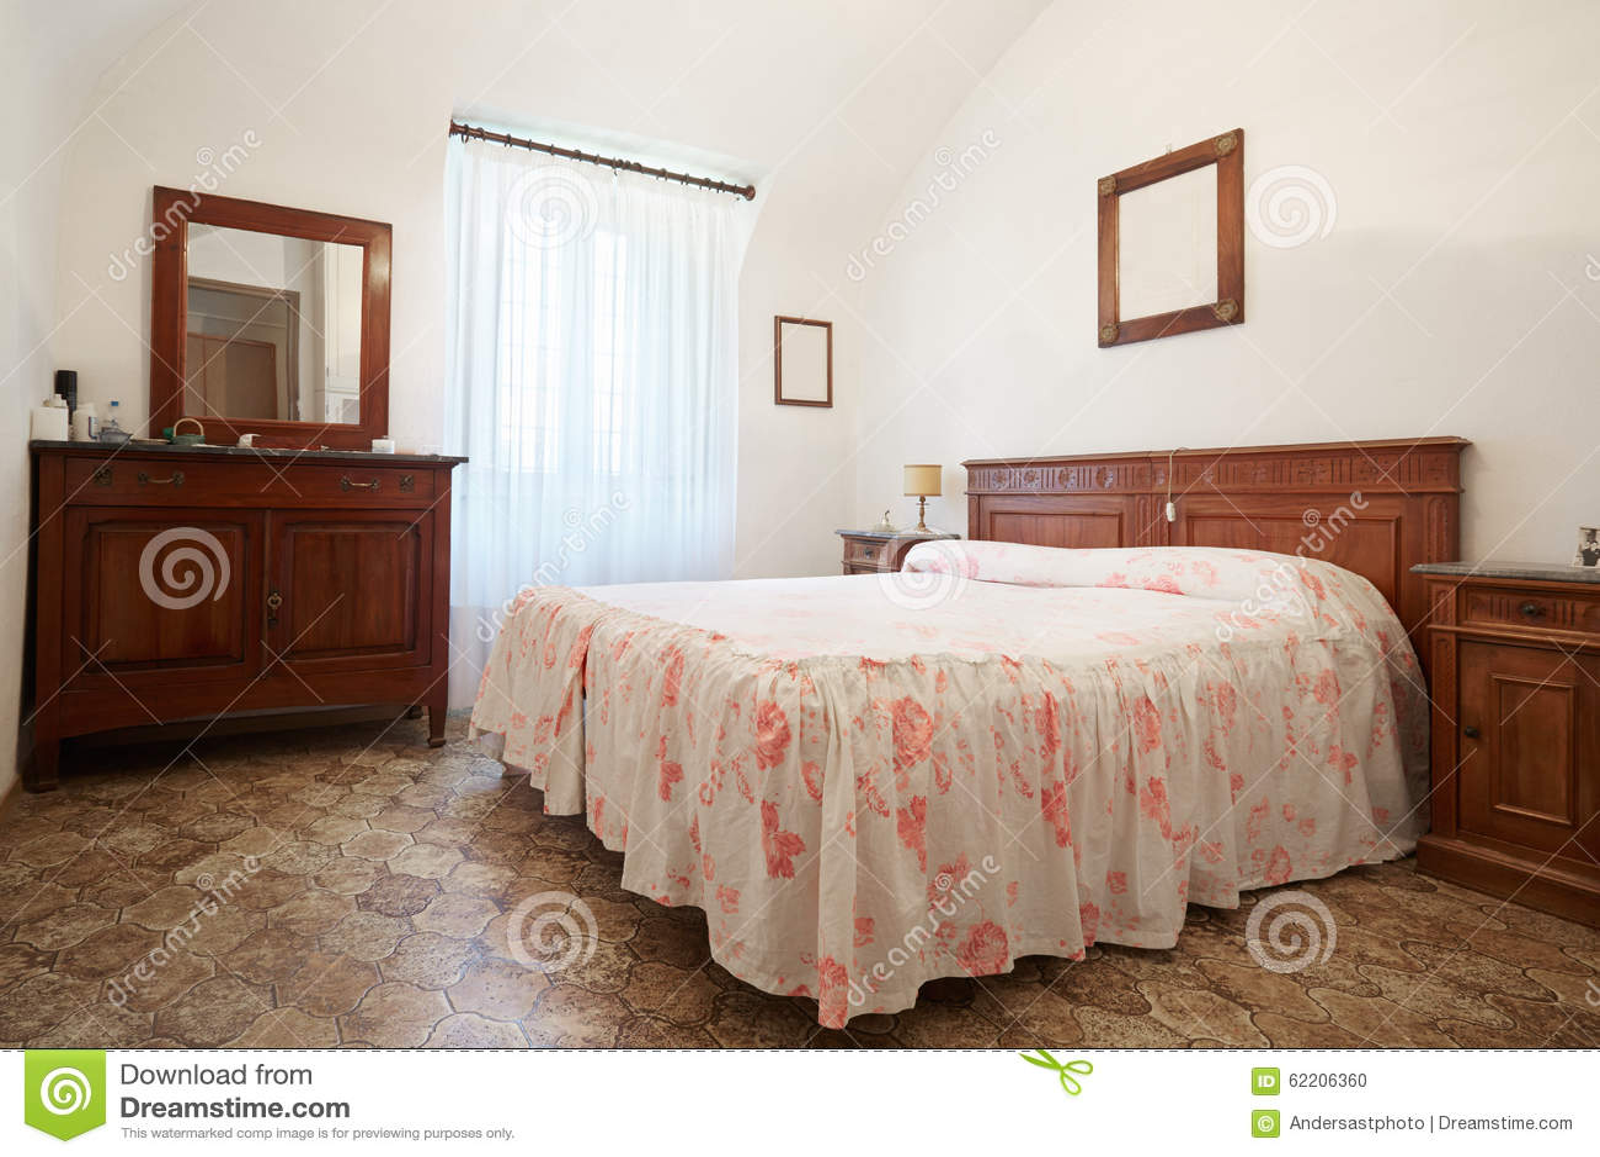 Altes Schlafzimmer Mit Königingrößenbett Im Alten Haus Stockfoto ...